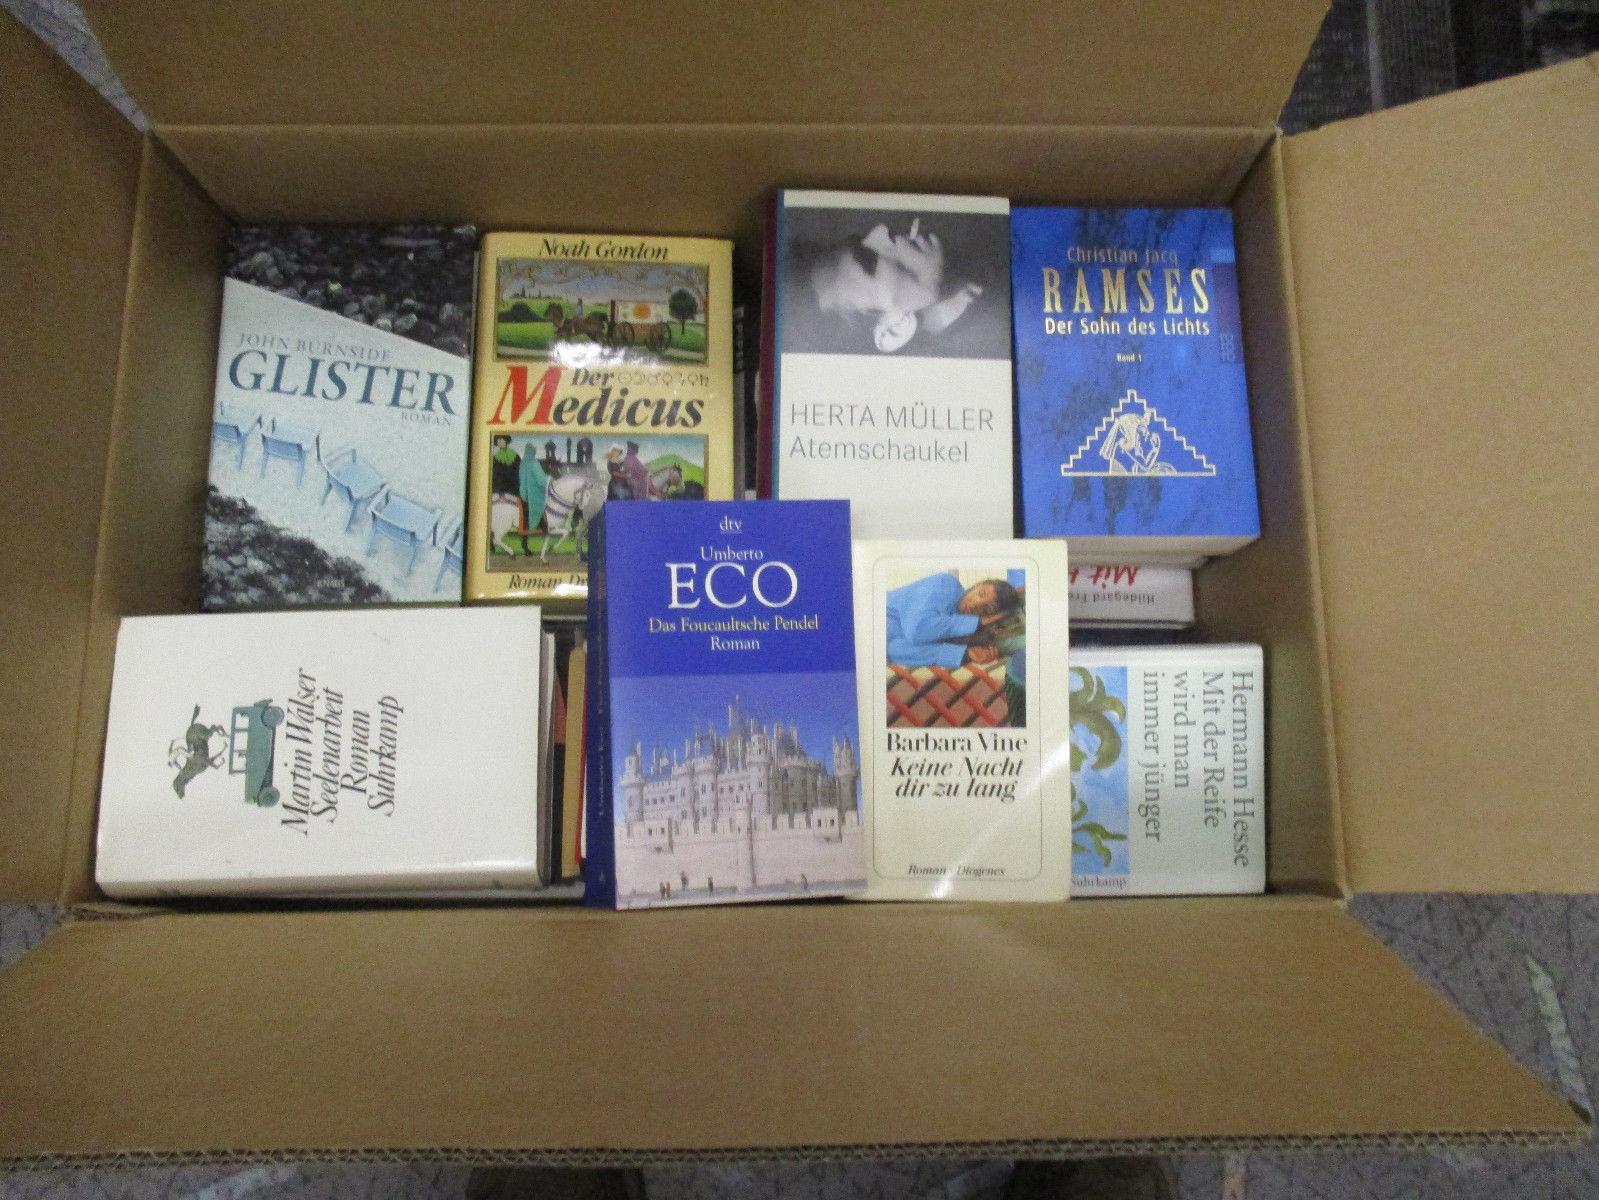 Buch-Kiste - schöne Büchersammlung - Konvolut - 40 bis 50 Bücher bunt gemischt